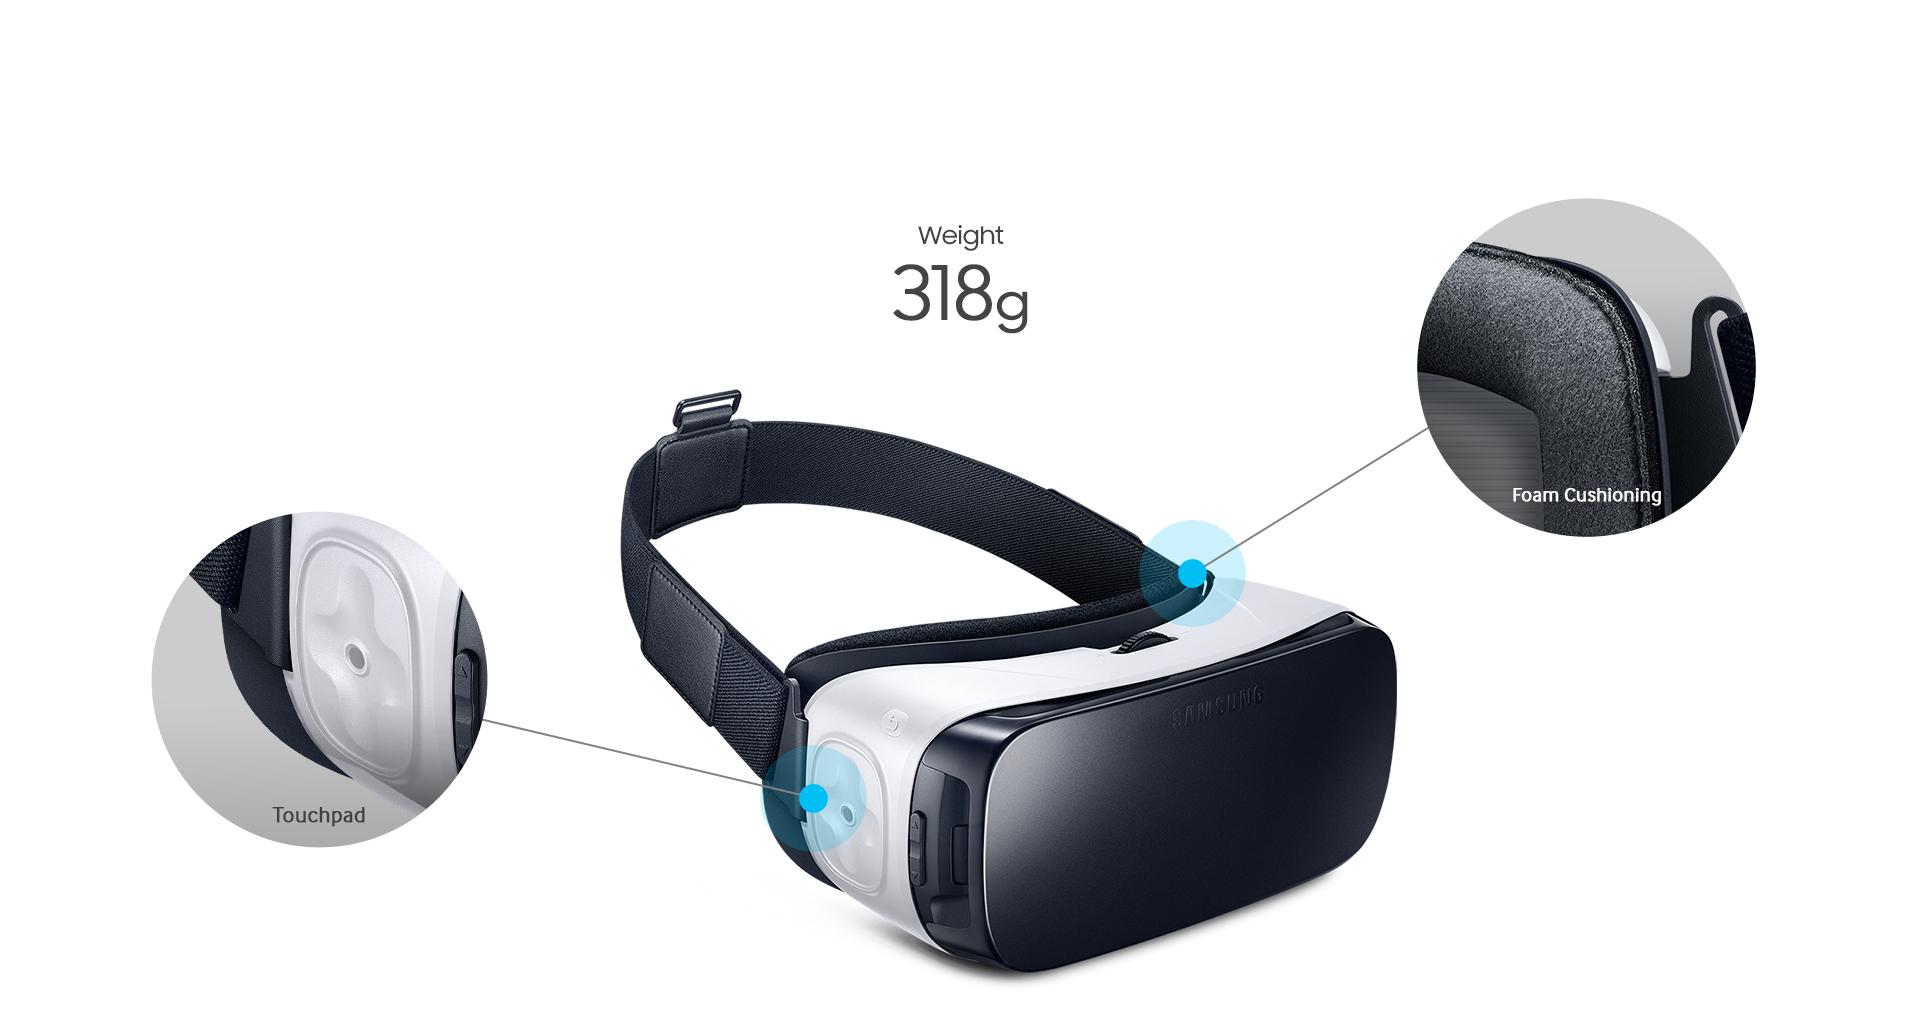 nuevas gafas Gear VR son ahora un 19% más ligeras - 318 g